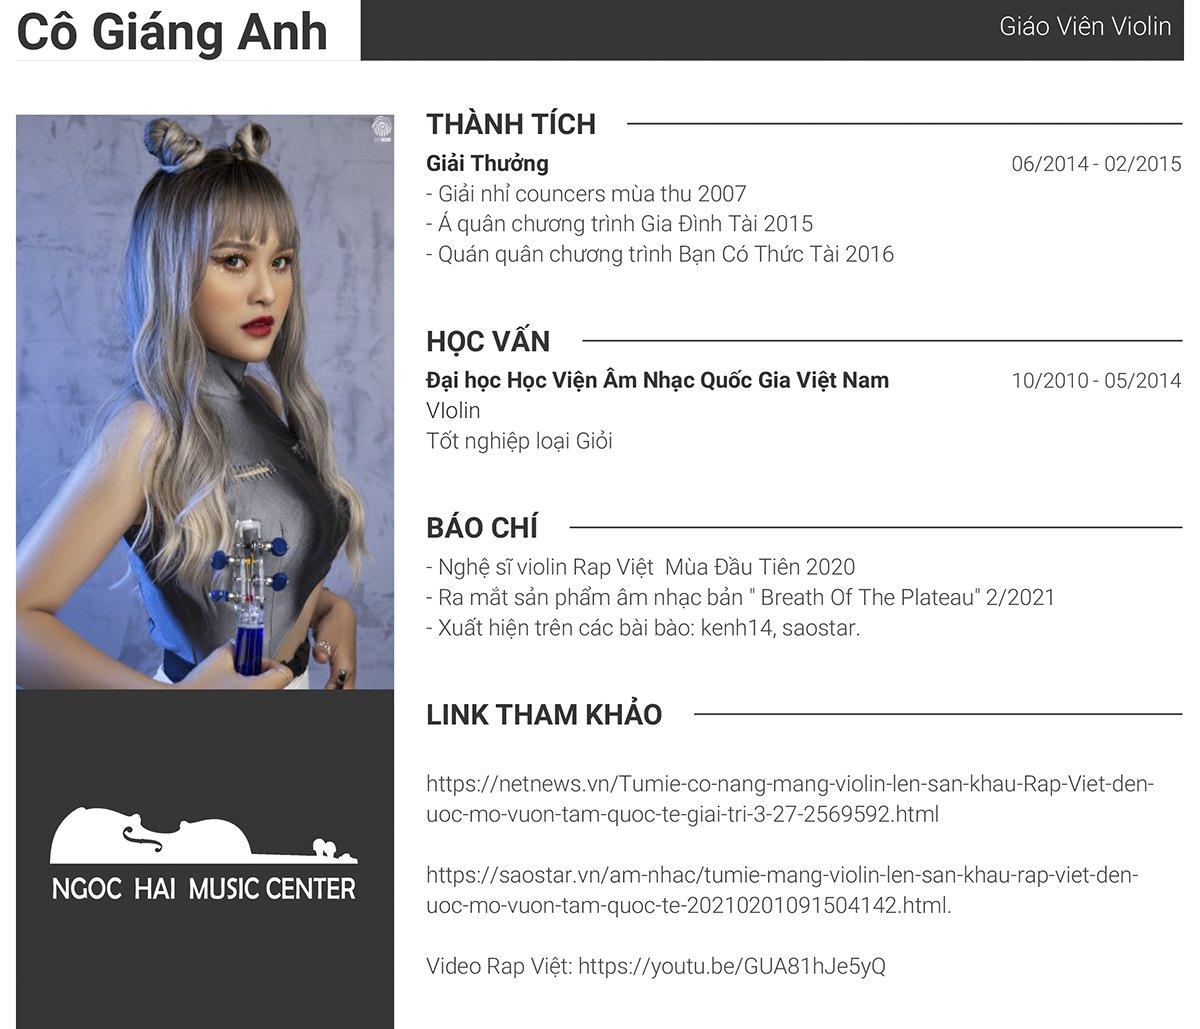 CV Giang Anh violin